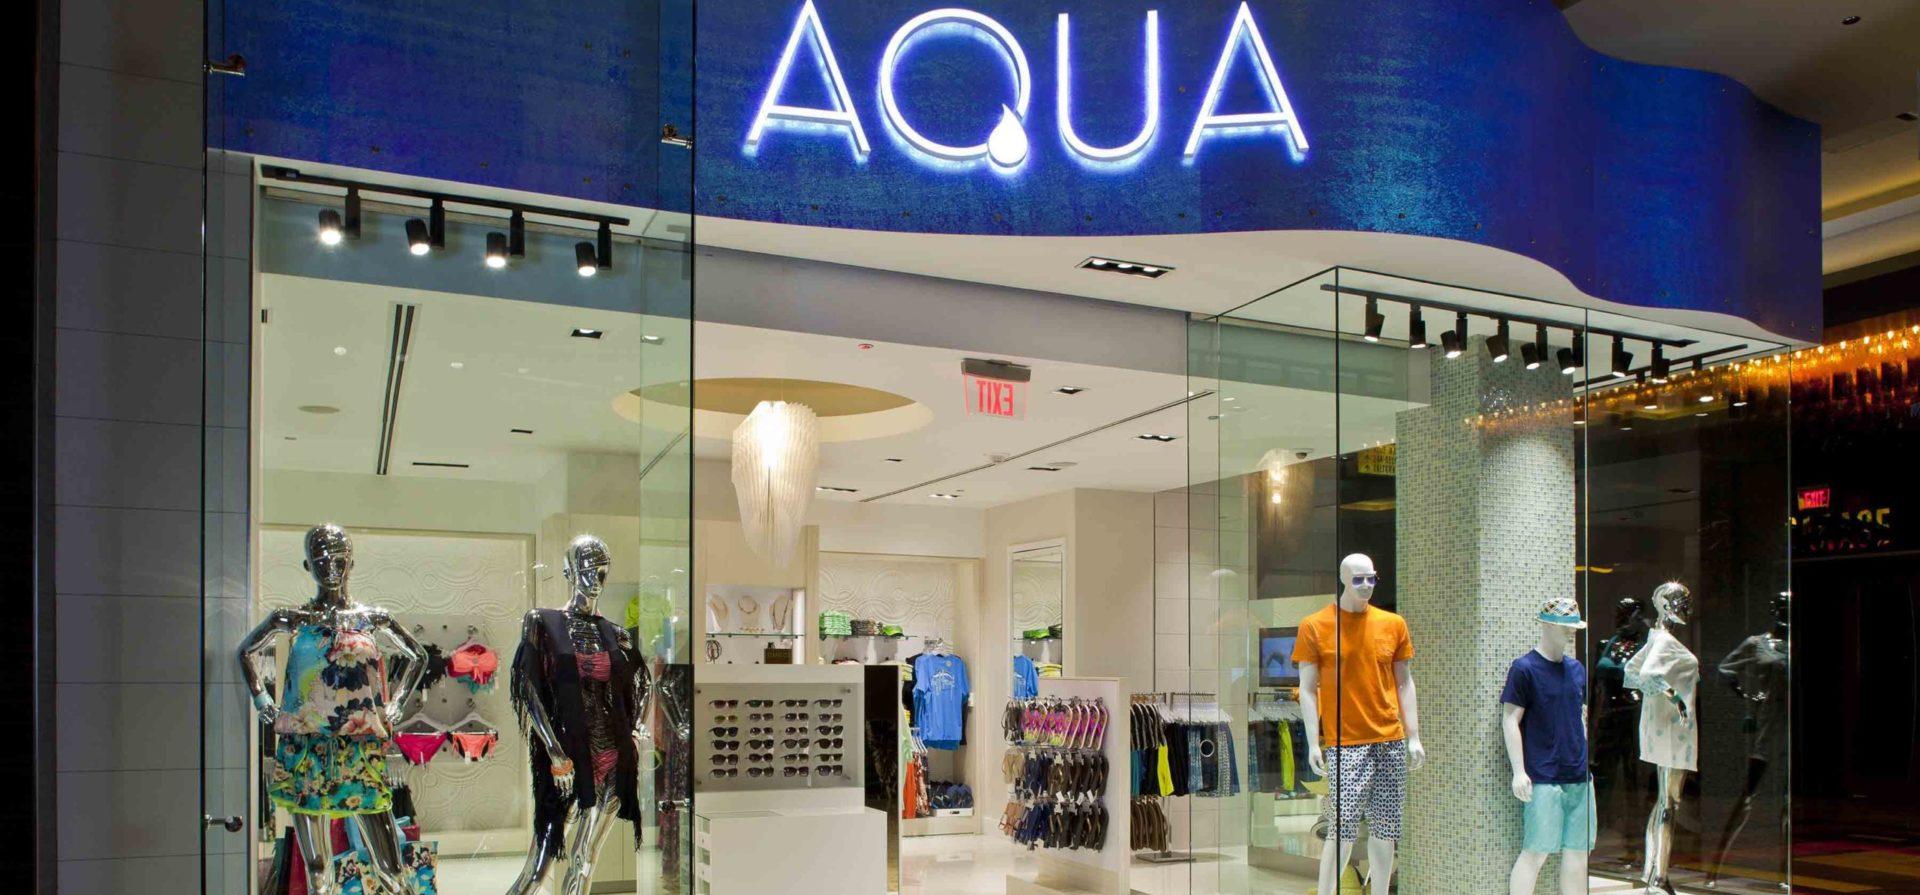 Golden Nugget Retail Stores: Aqua